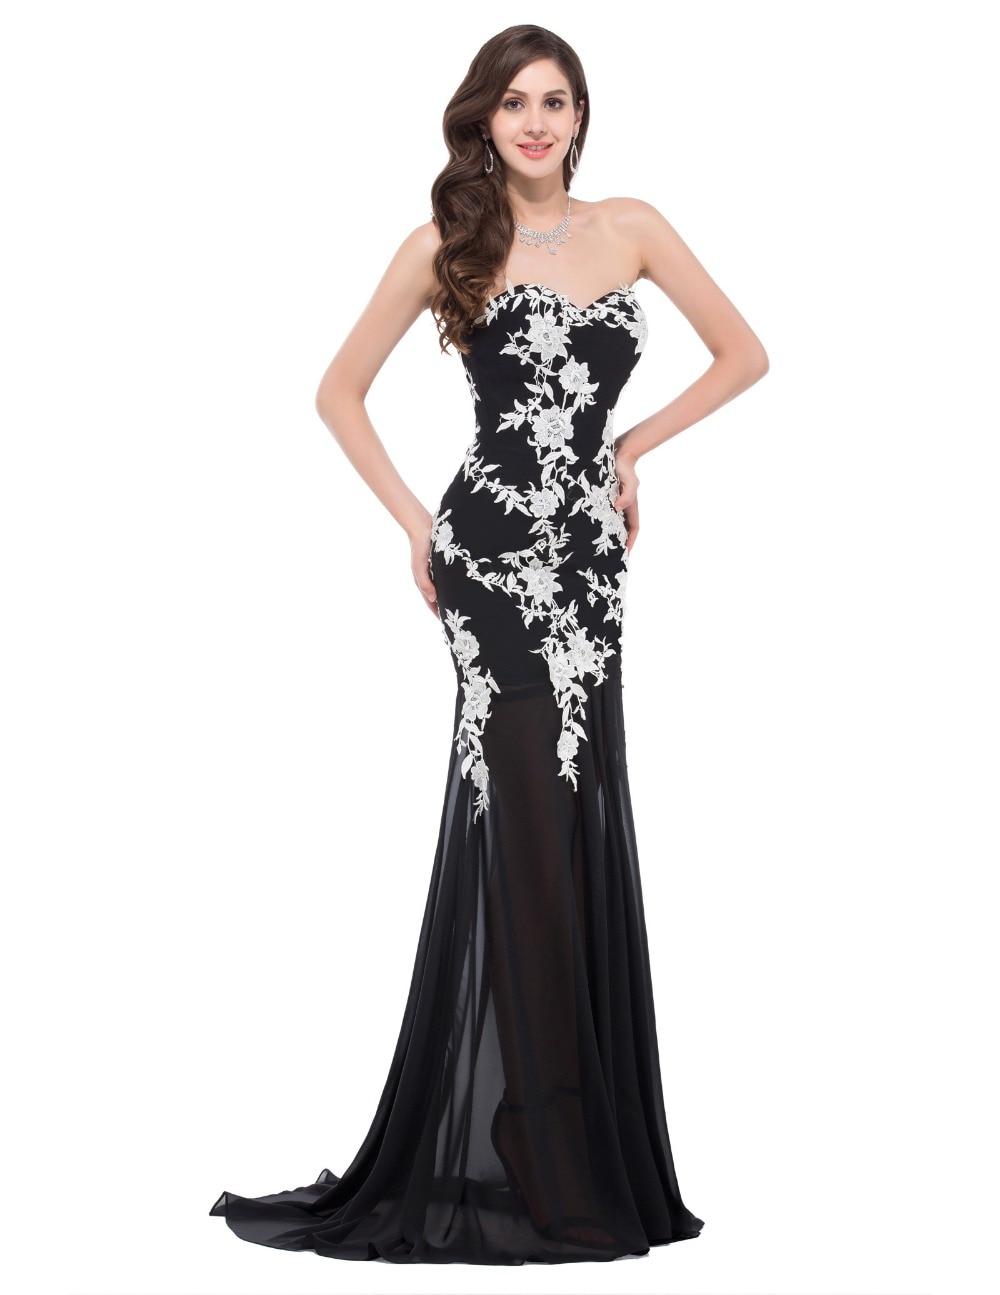 Купить вечерние платья 2016 фото новинки длинные